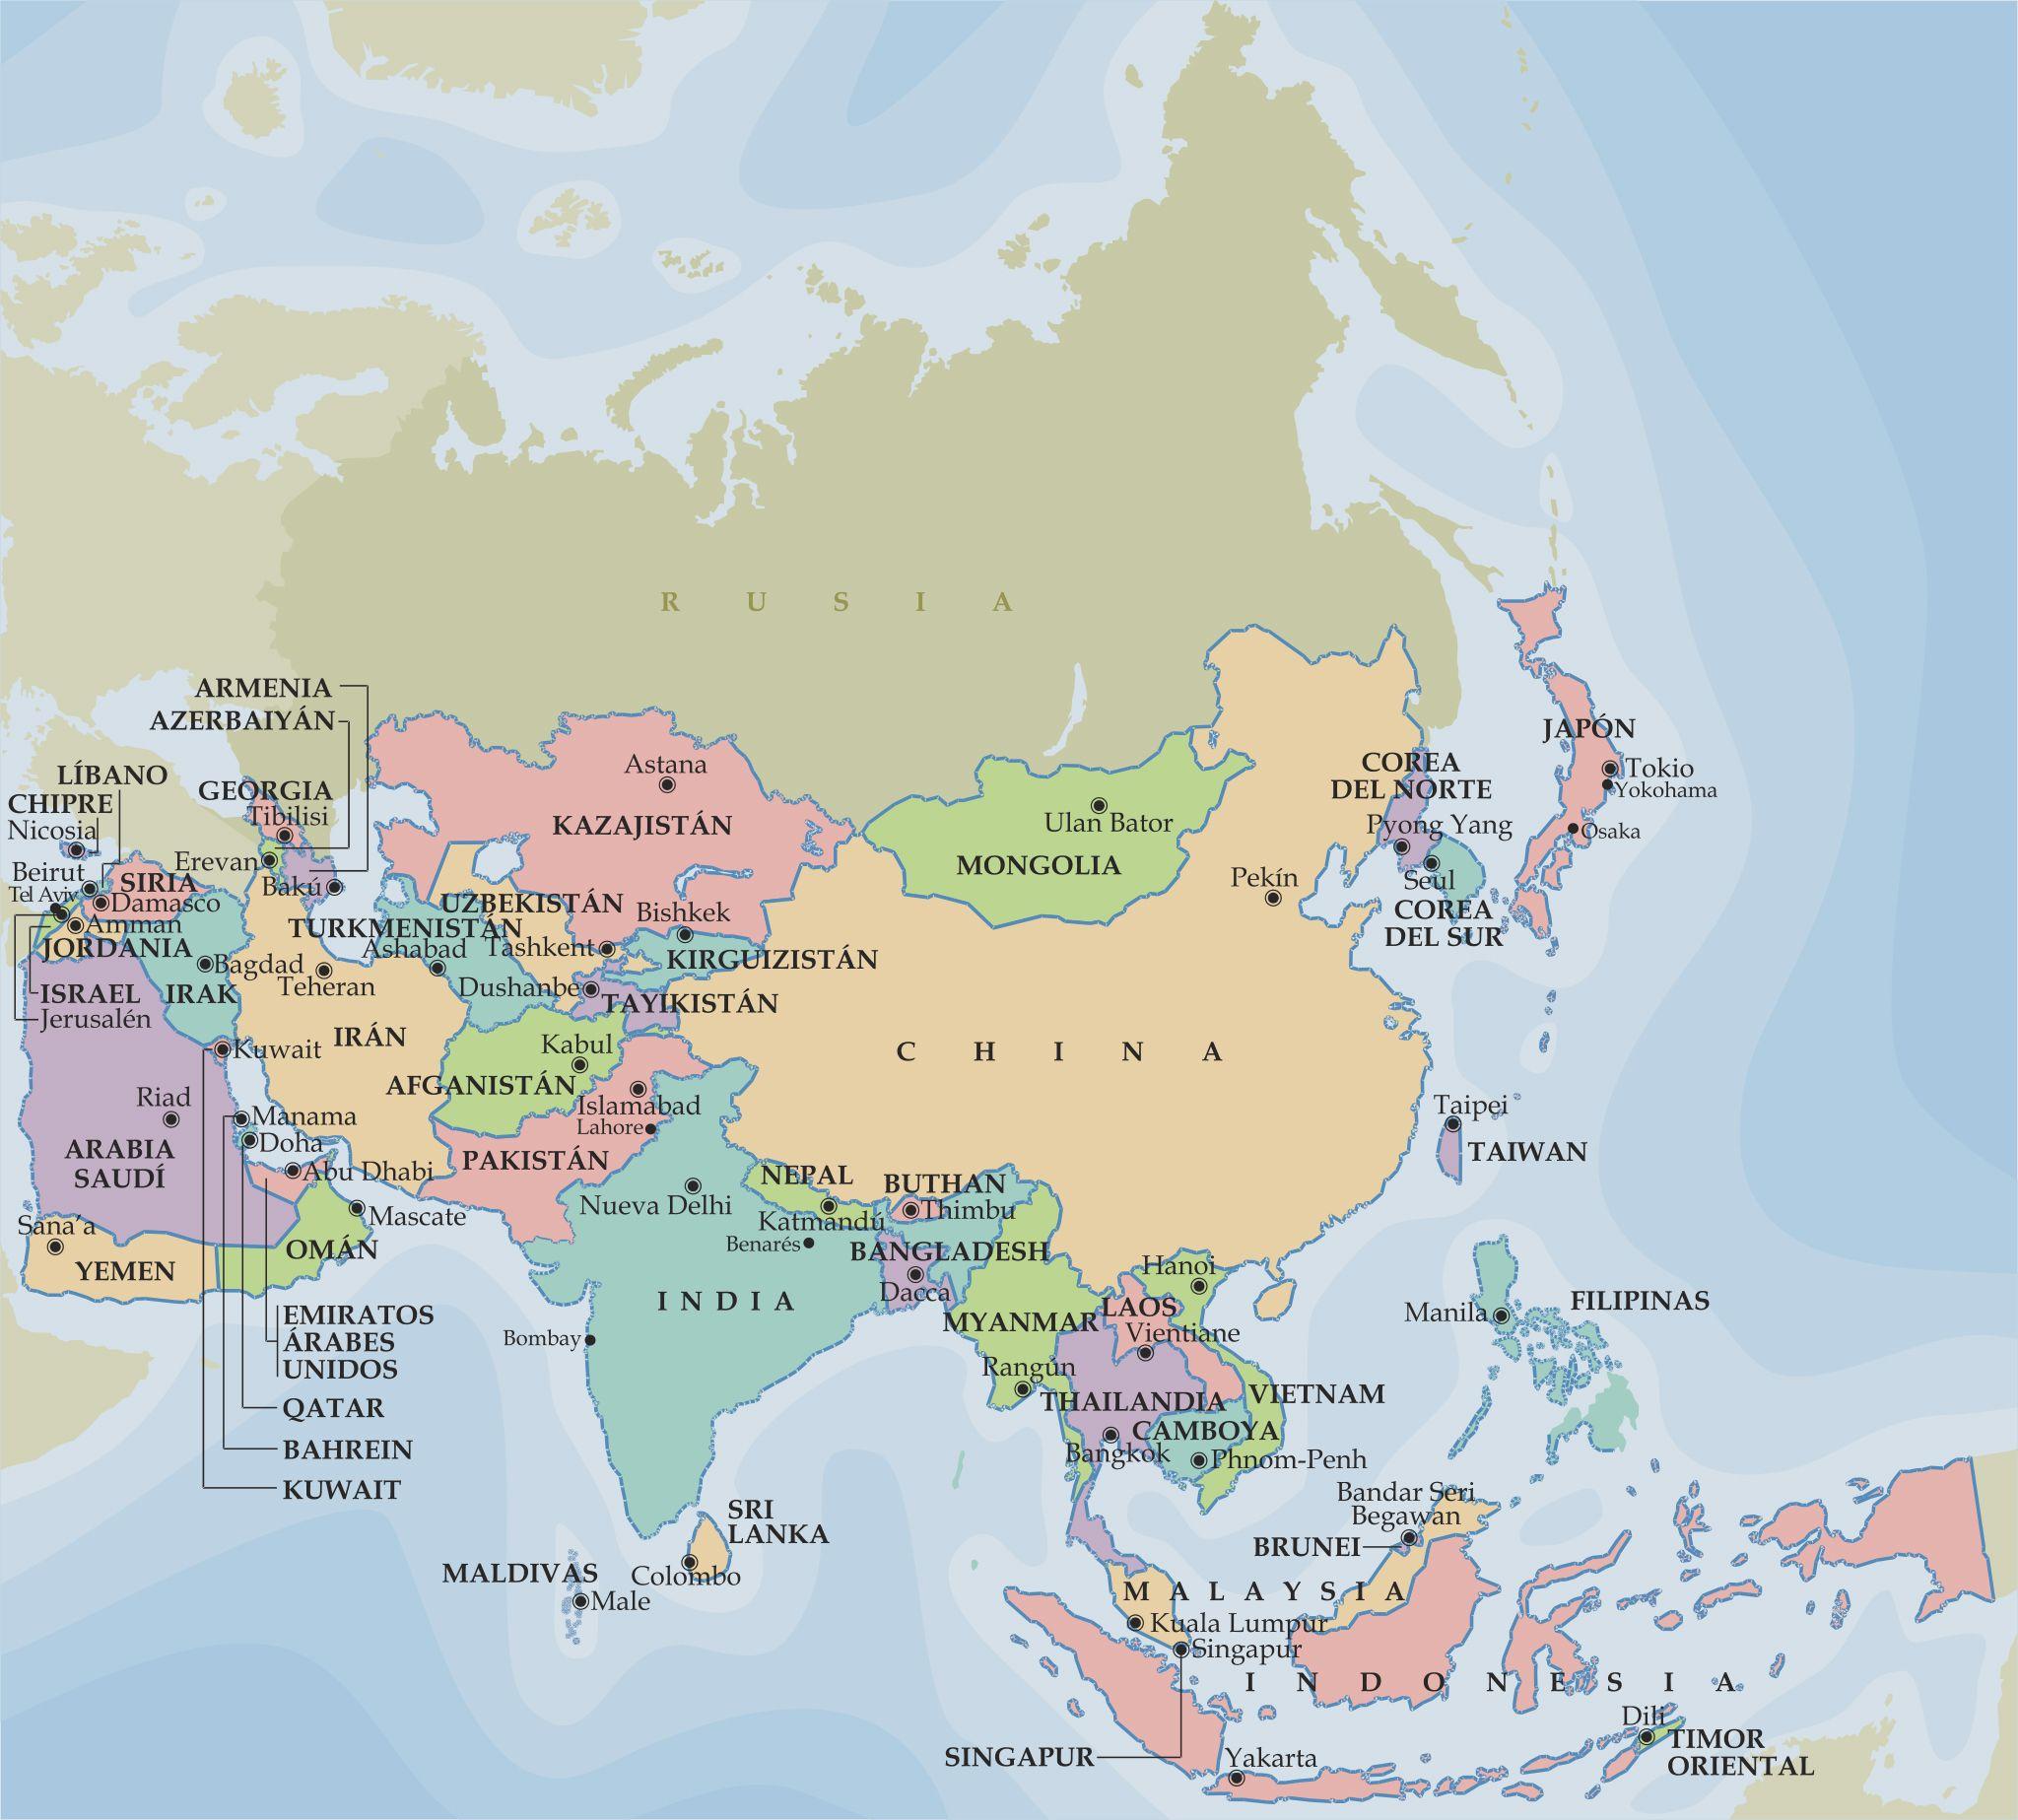 Mapa poltico de Asia  Mapas  Pinterest  Mapa de asia Mapas y